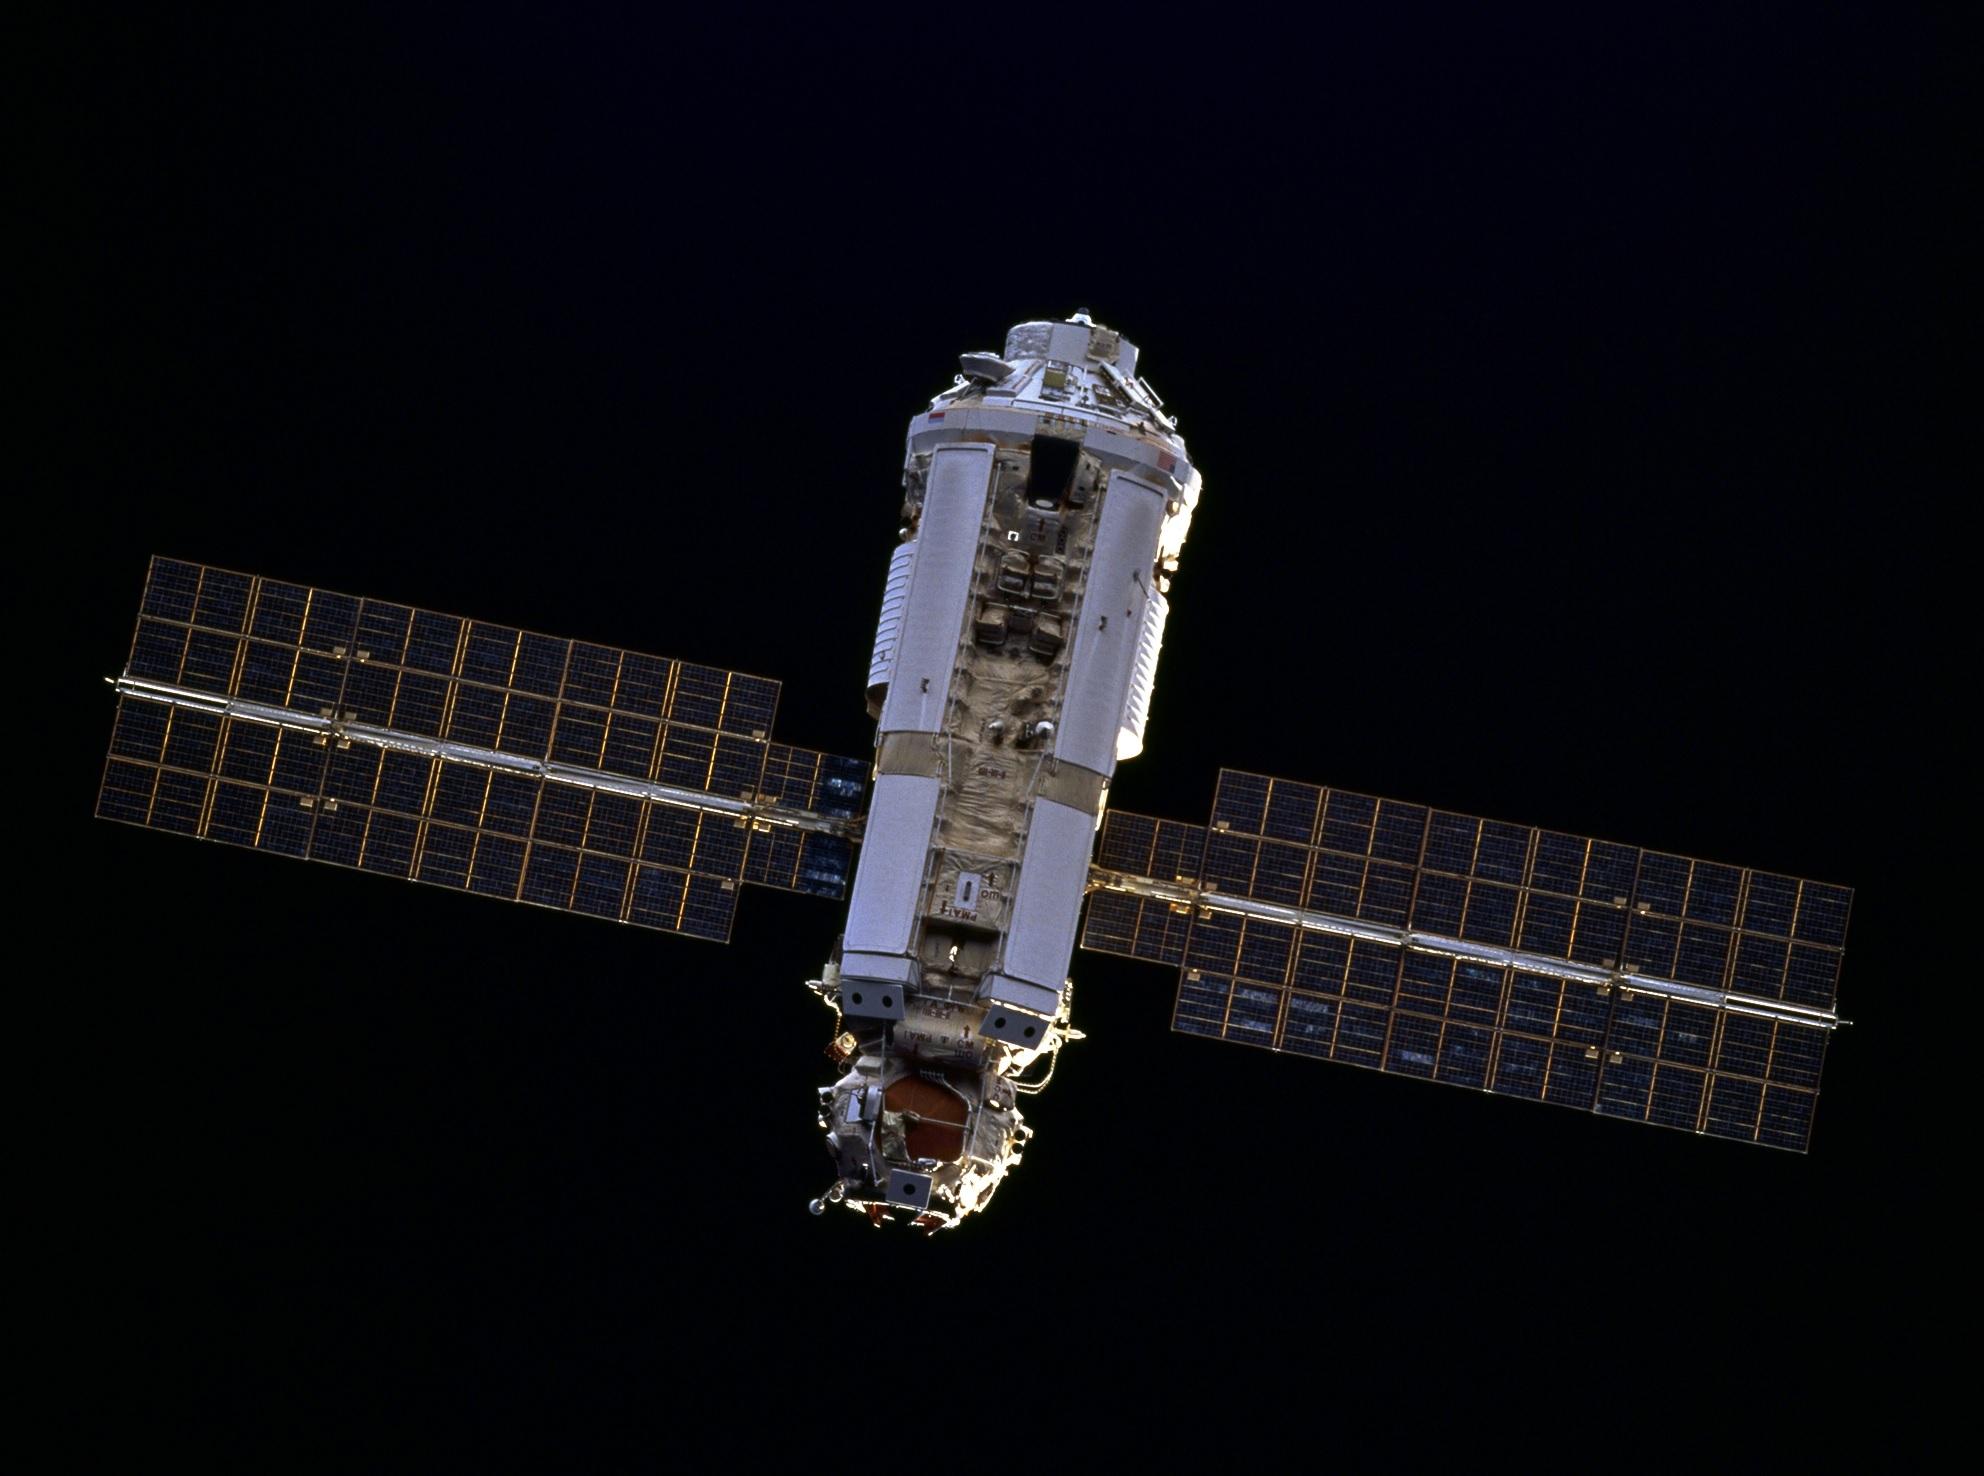 ایستگاه فضایی بینالمللی (ISS) - سال ۱۹۹۸